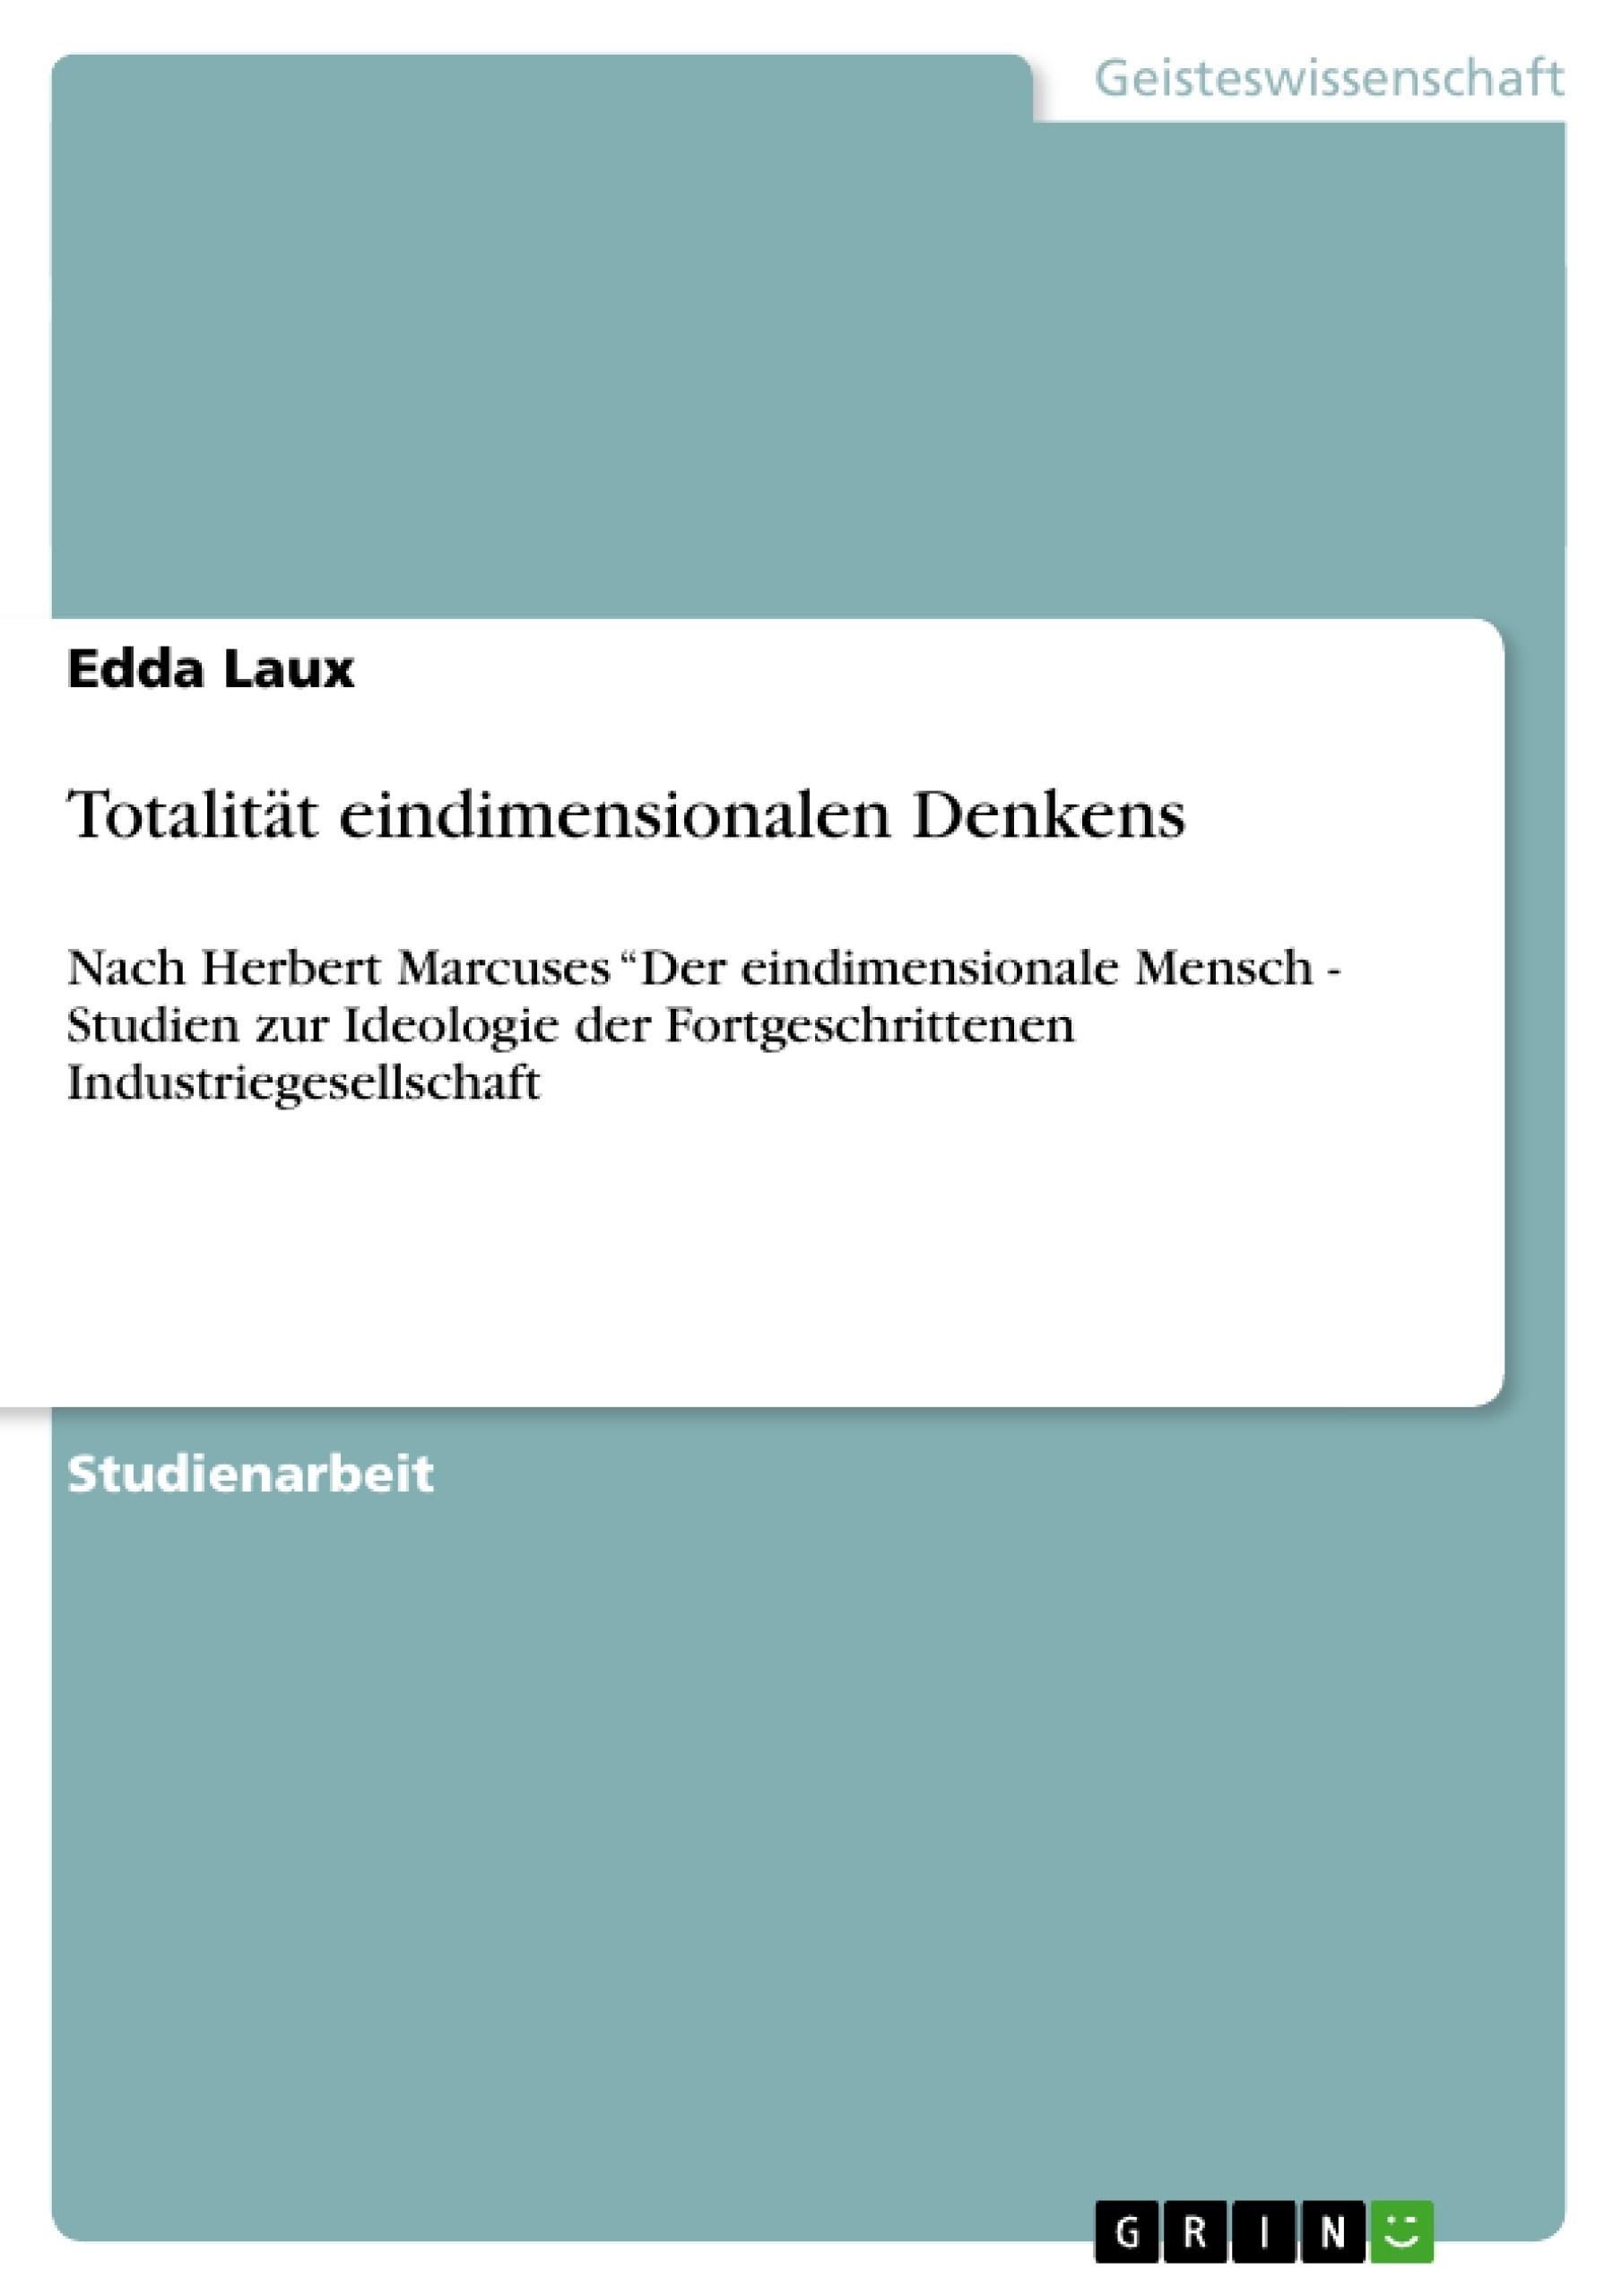 Titel: Totalität eindimensionalen Denkens